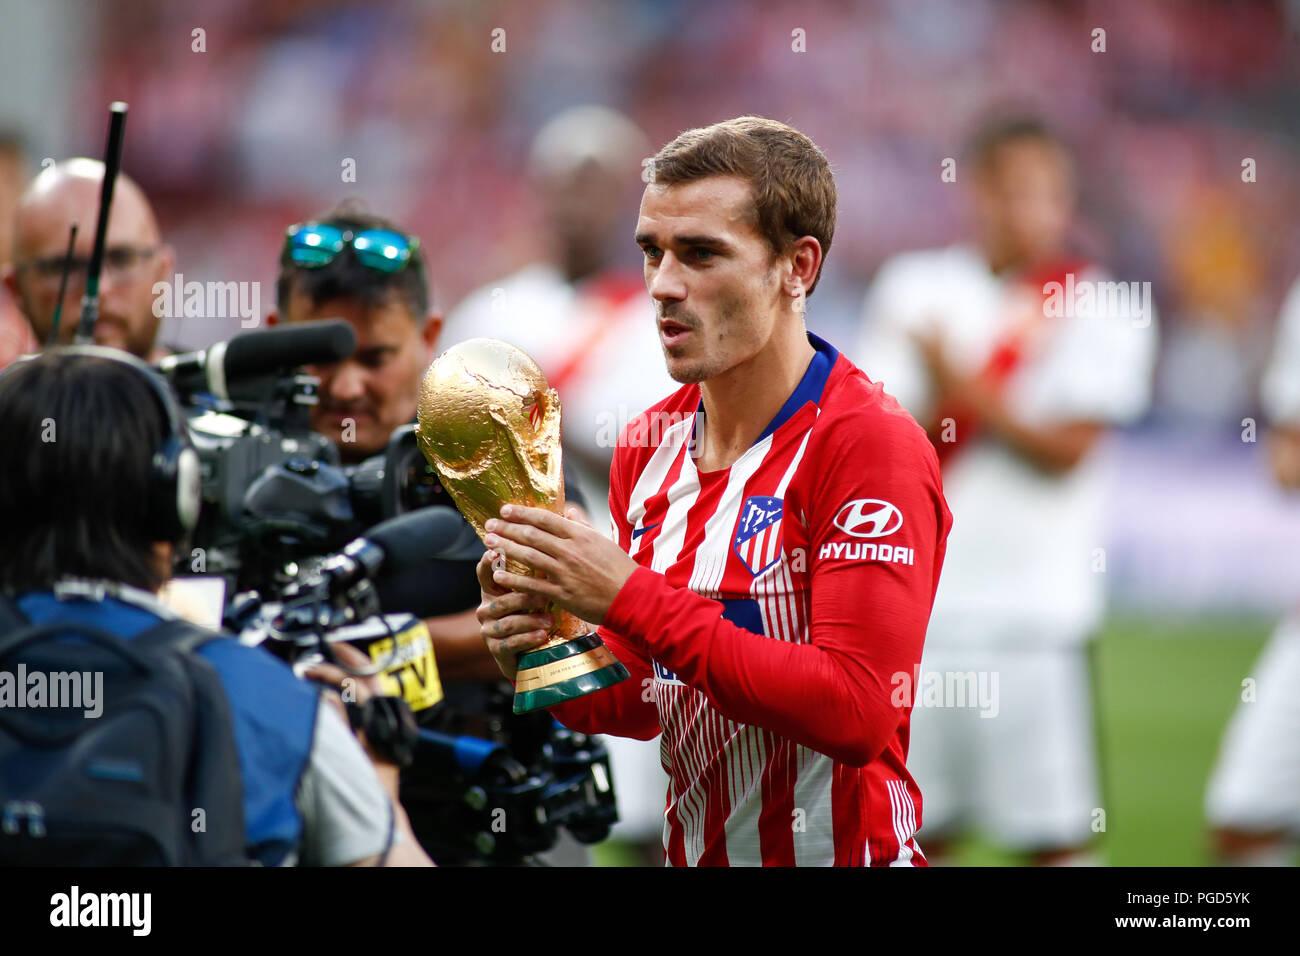 Griezmann de l 39 atletico de madrid avec la coupe du monde au cours de la ligue espagnole la liga - Coupe de la liga espagnol ...